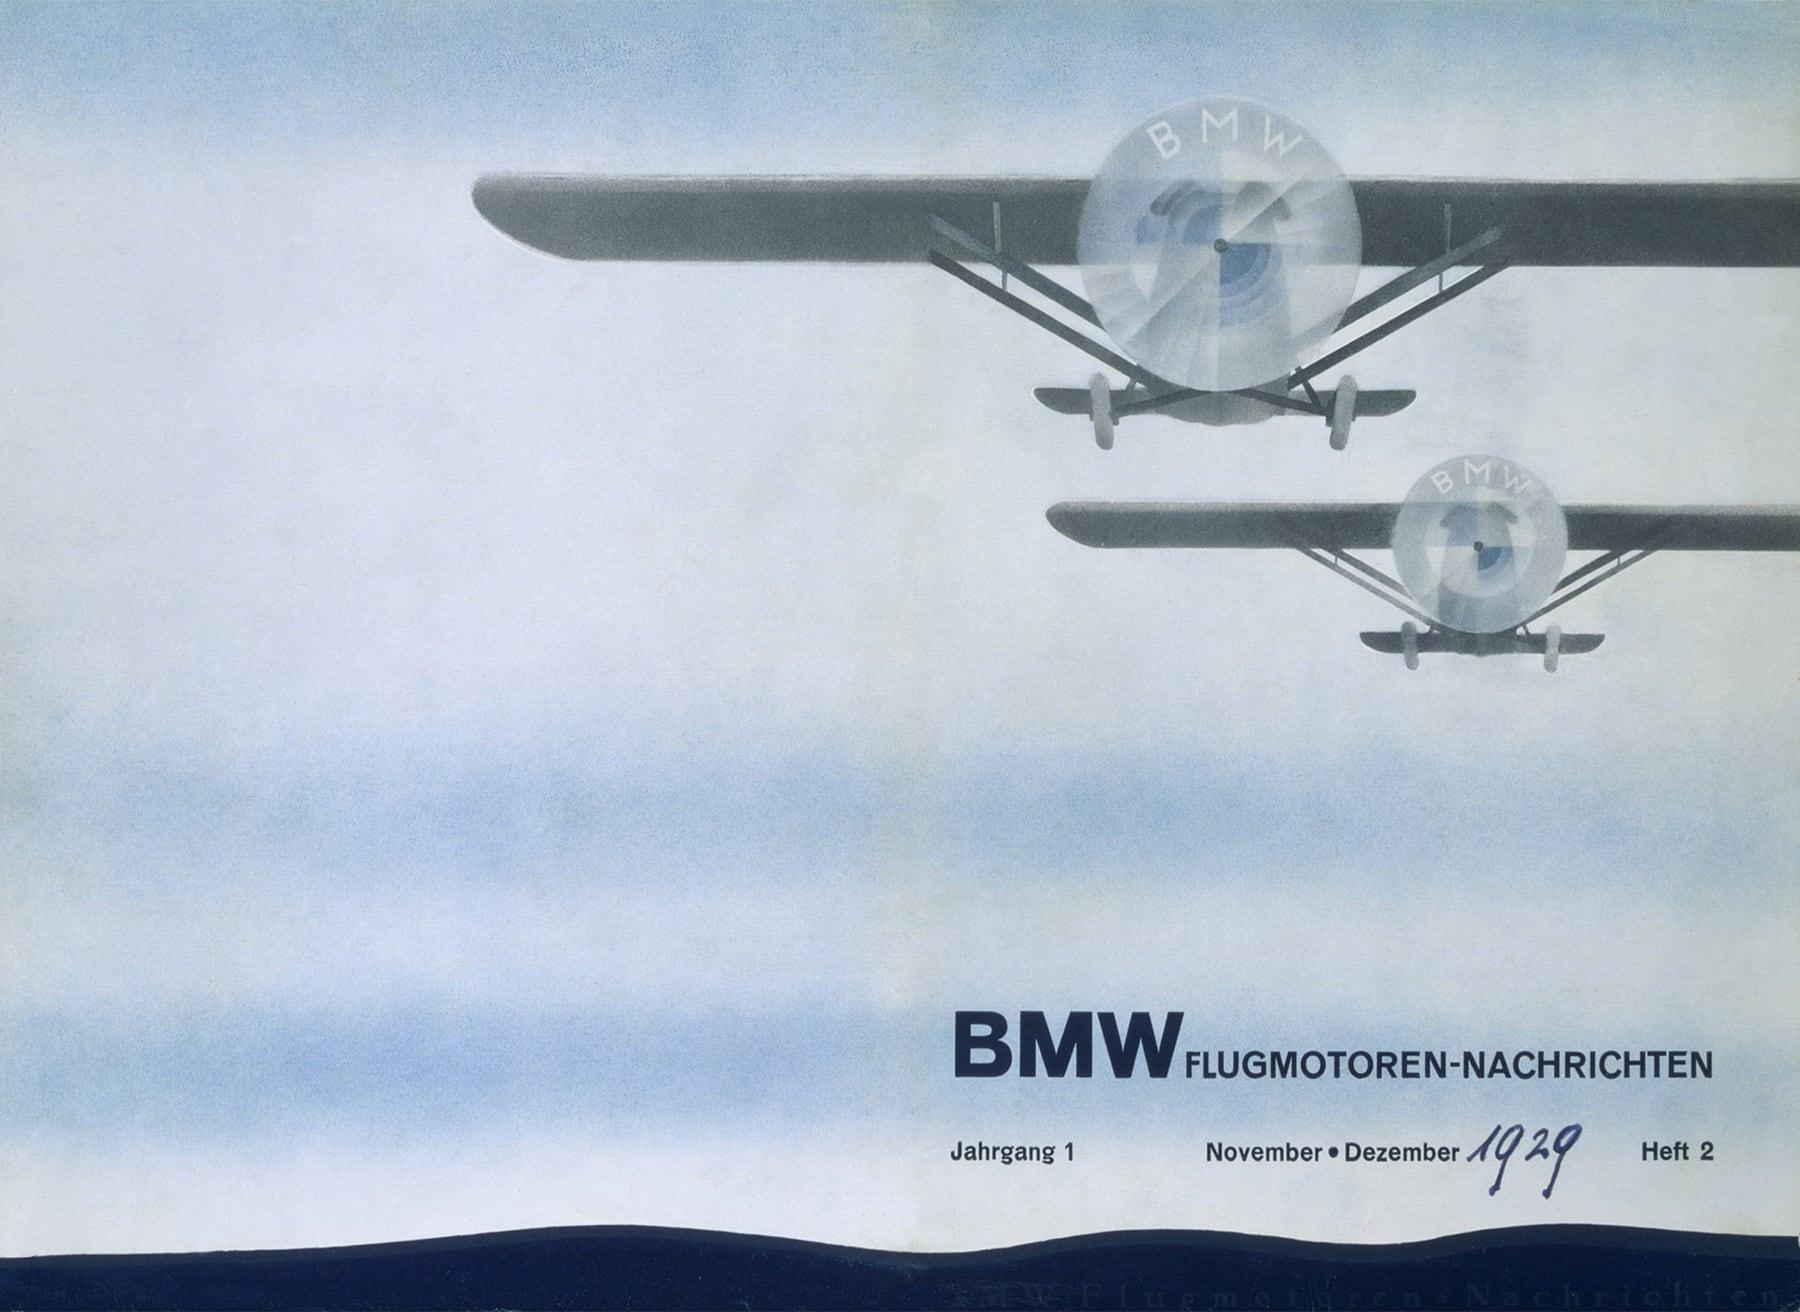 Signification du logo BMW Que signifie le logo BMW hélice du logo BMW